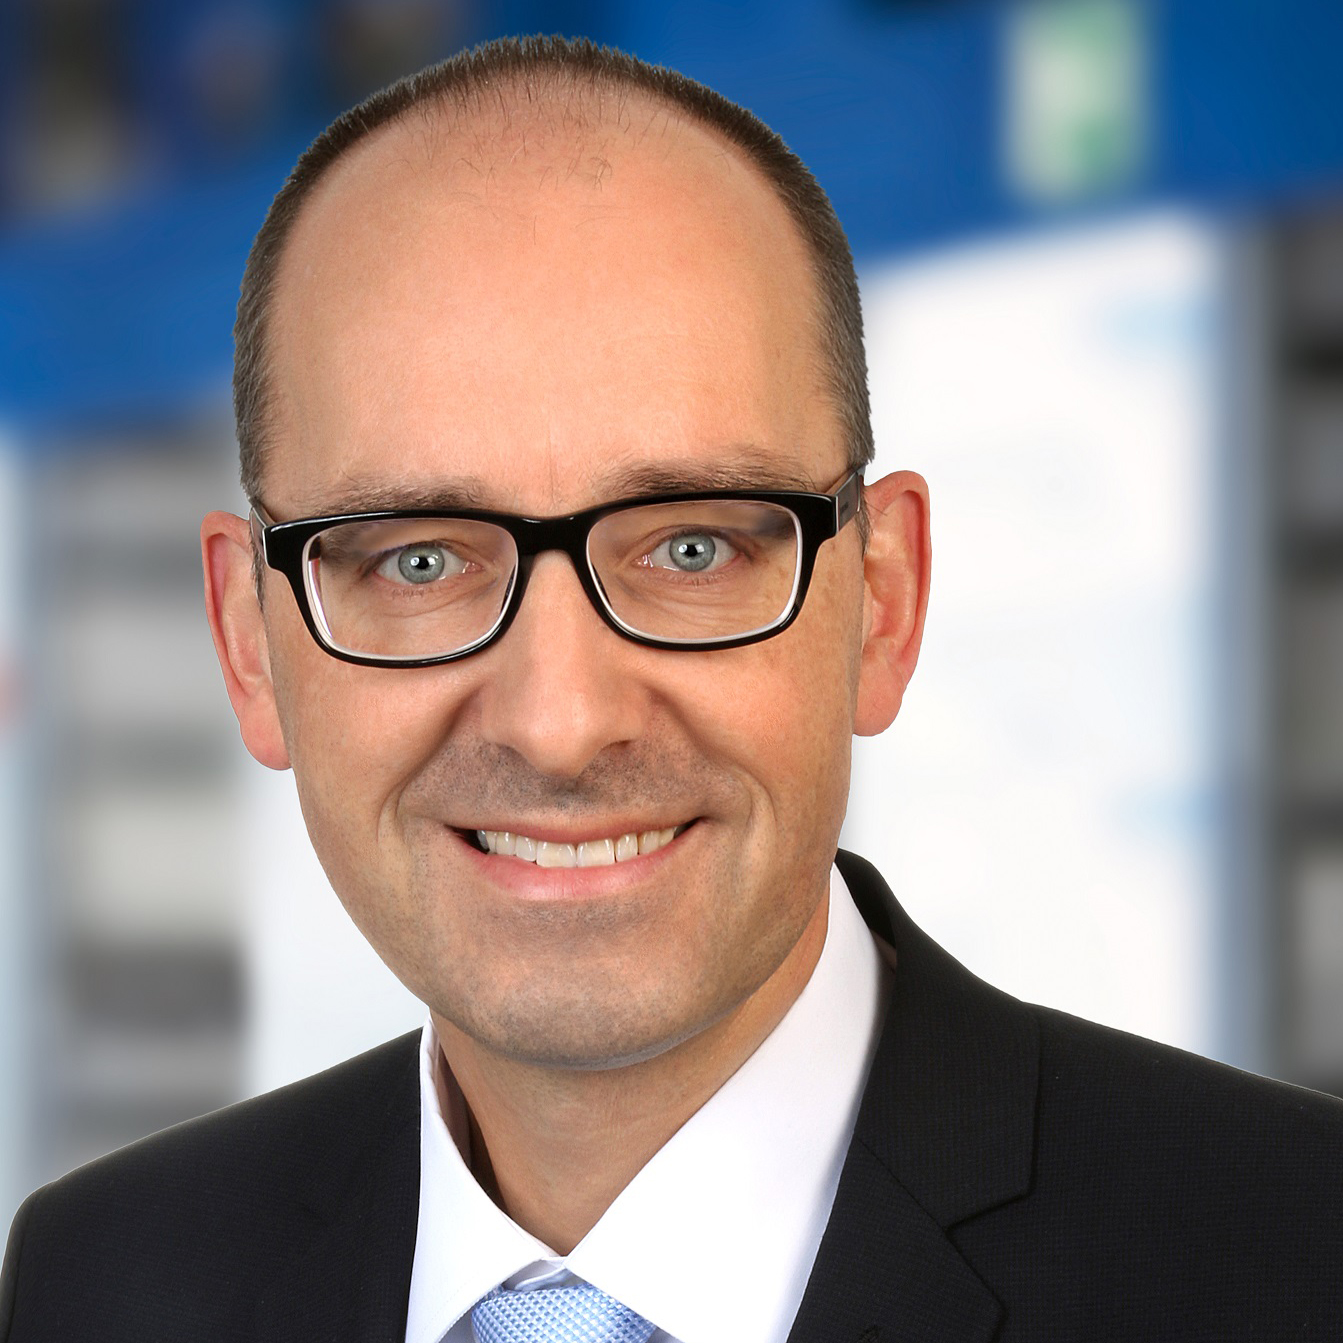 Andreas Mangler